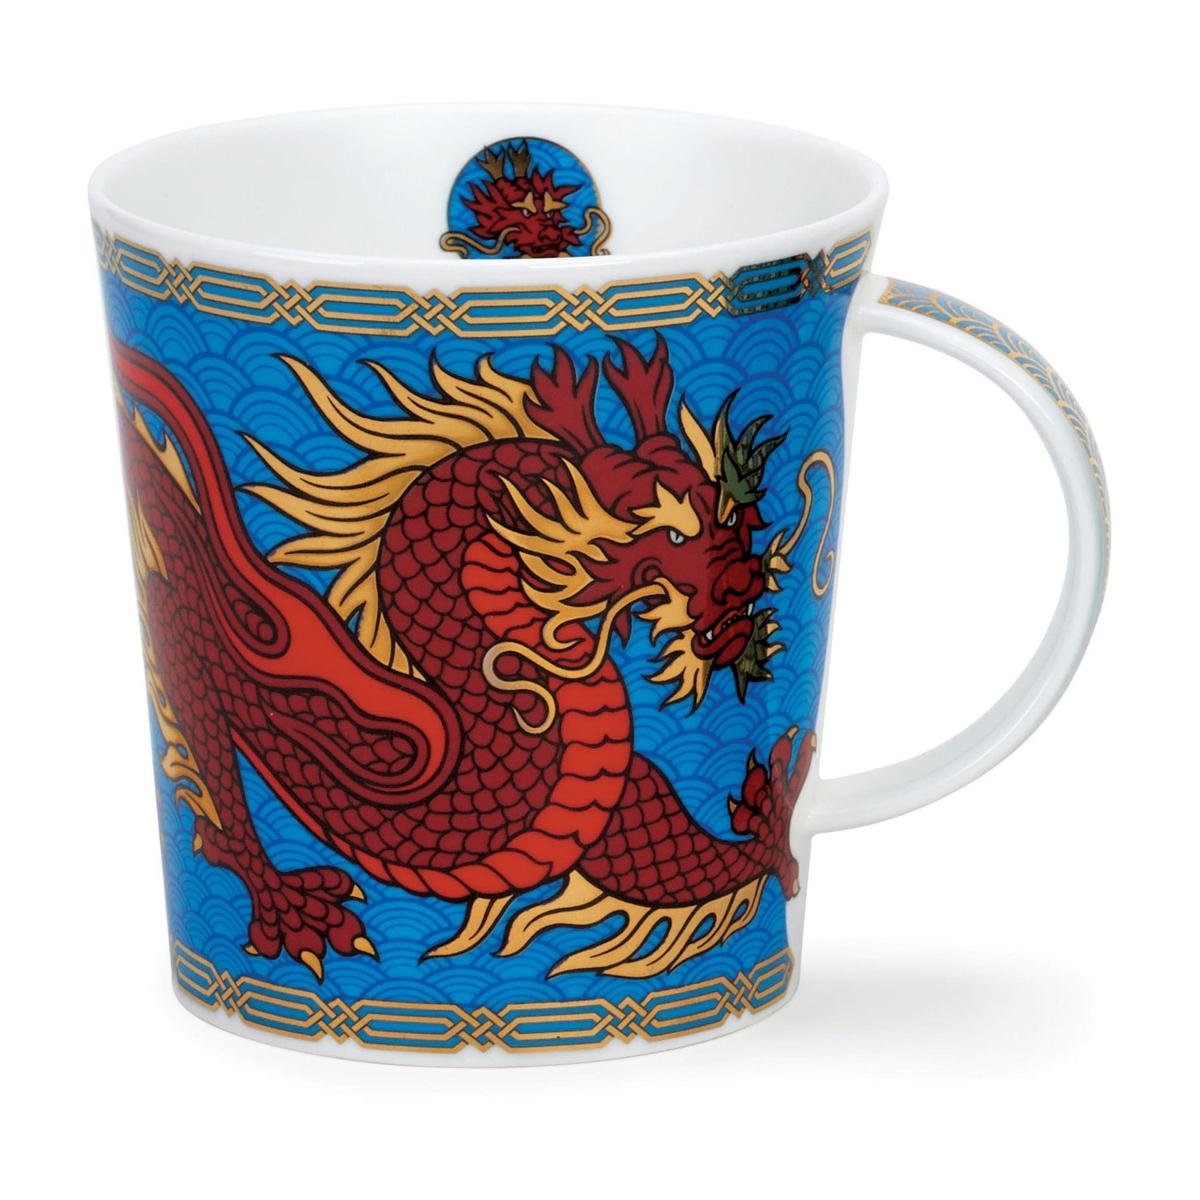 Кружка Dunoon Дракон. Ломонд 320 мл (синяя)